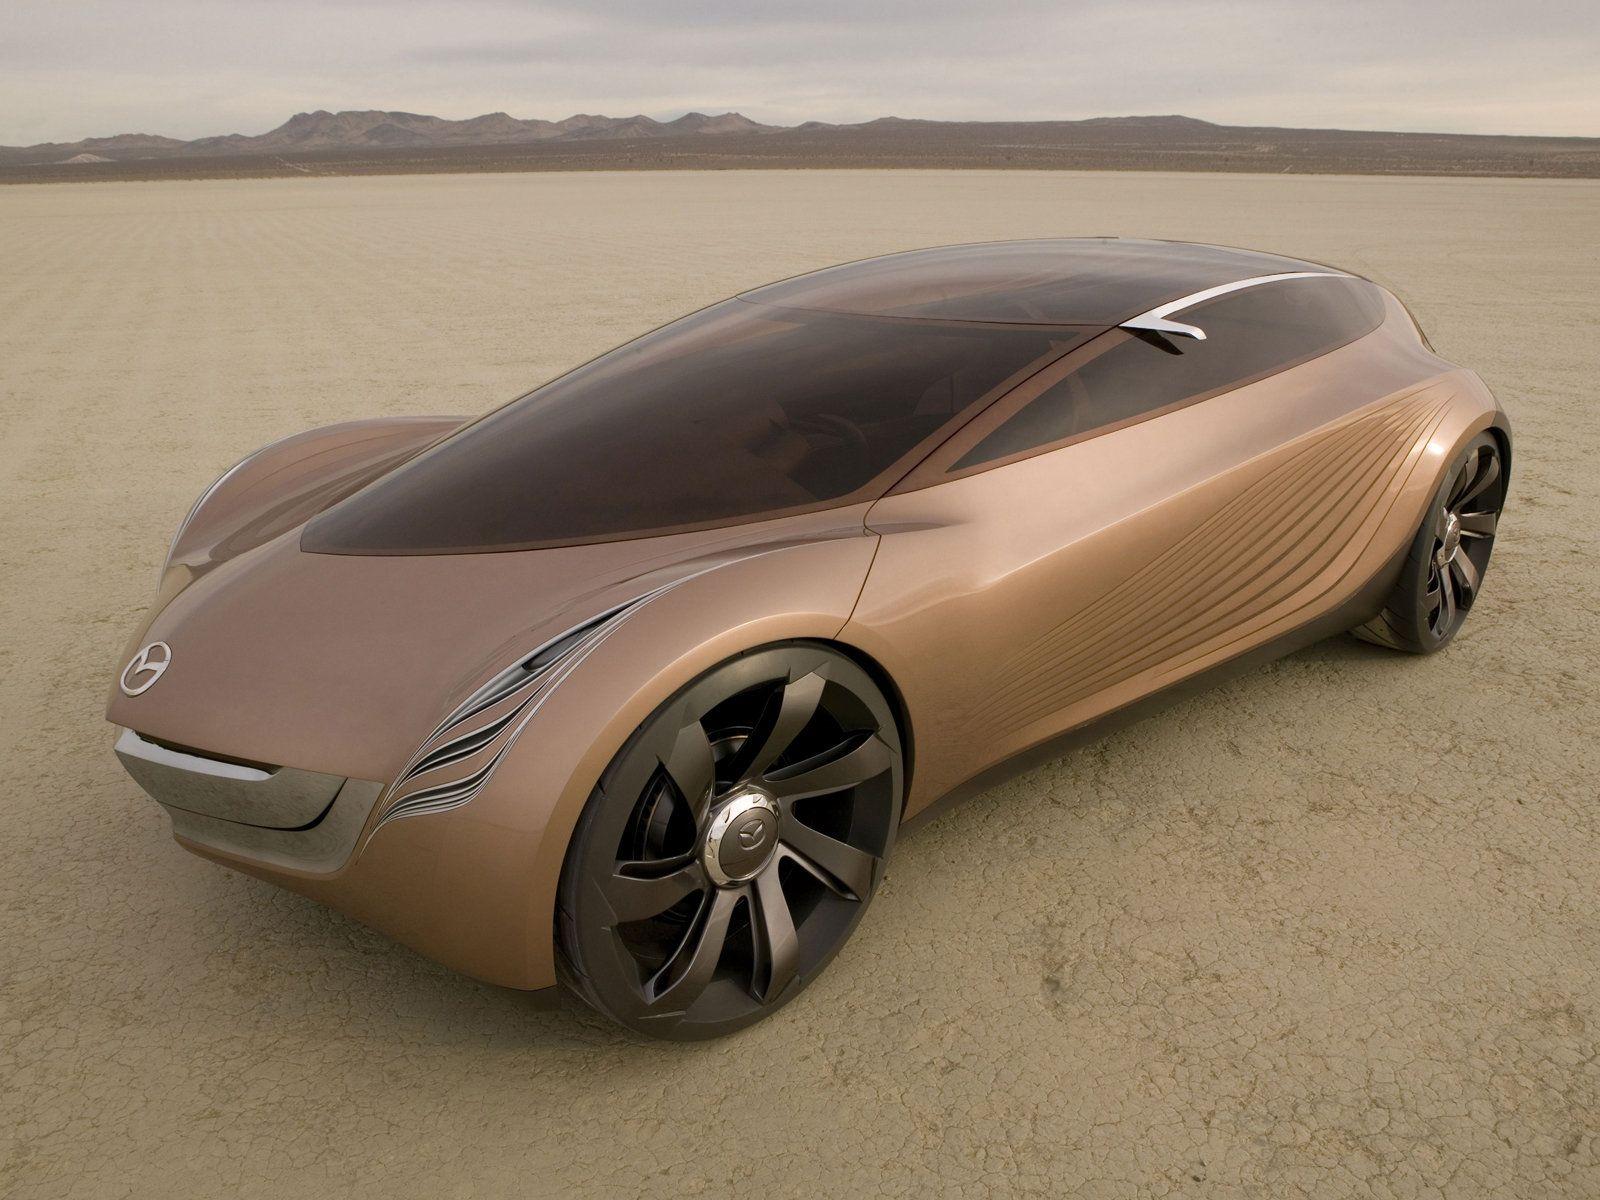 концепткар Mazda Nagare